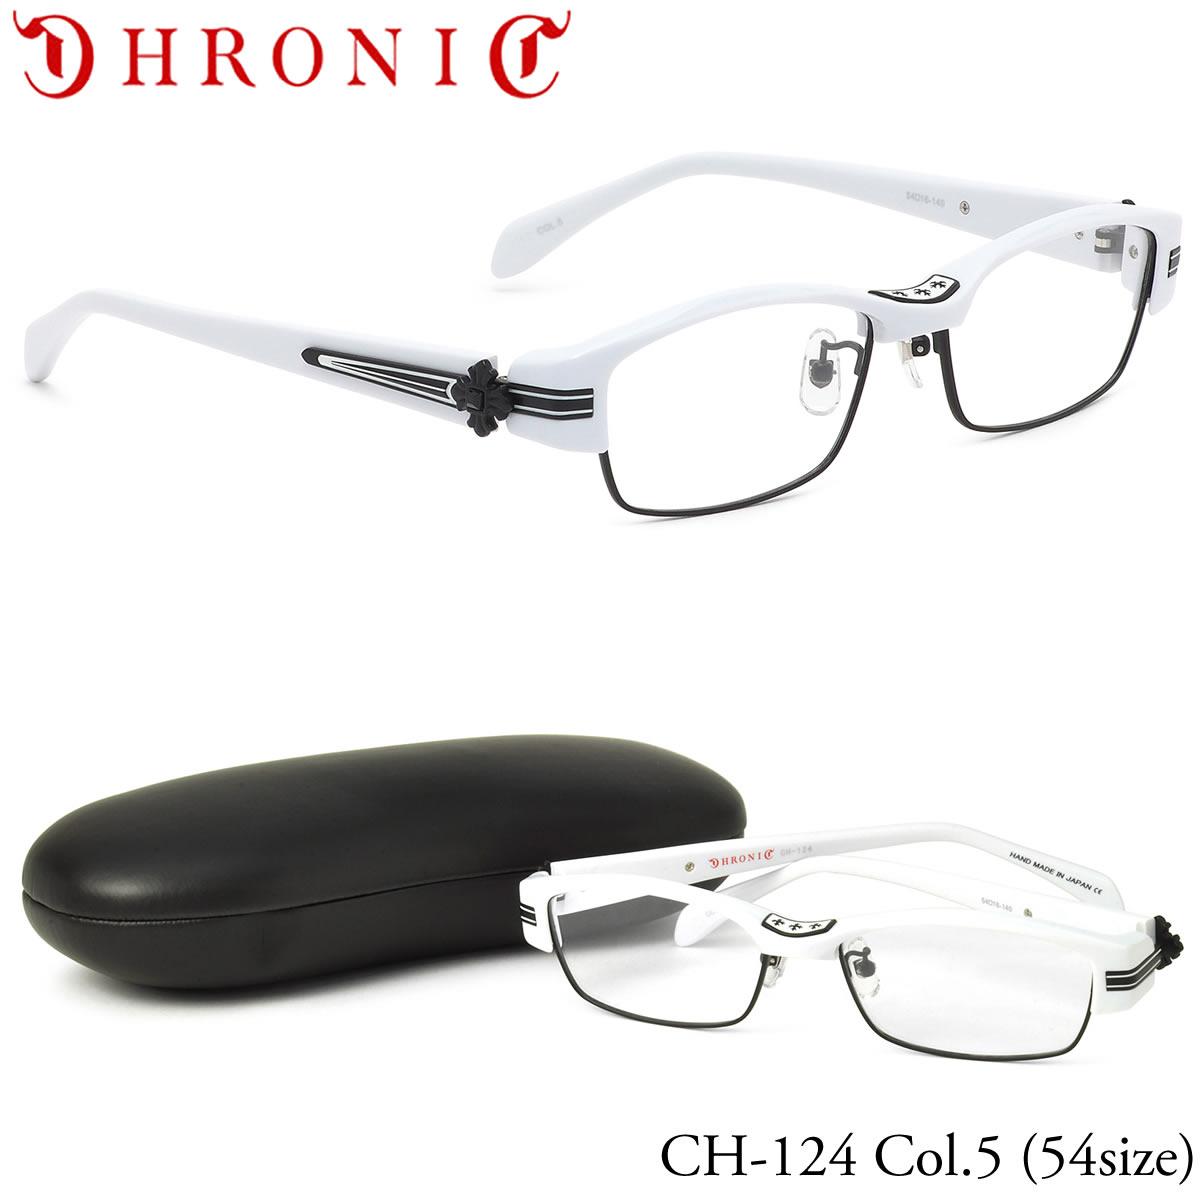 ほぼ全品ポイント15倍~最大43倍+3倍!お得なクーポンも! 【クロニック】 (CHRONIC) メガネCH124 5 54サイズ日本製 ゴシック ラインストーン CHRONIC メンズ レディース